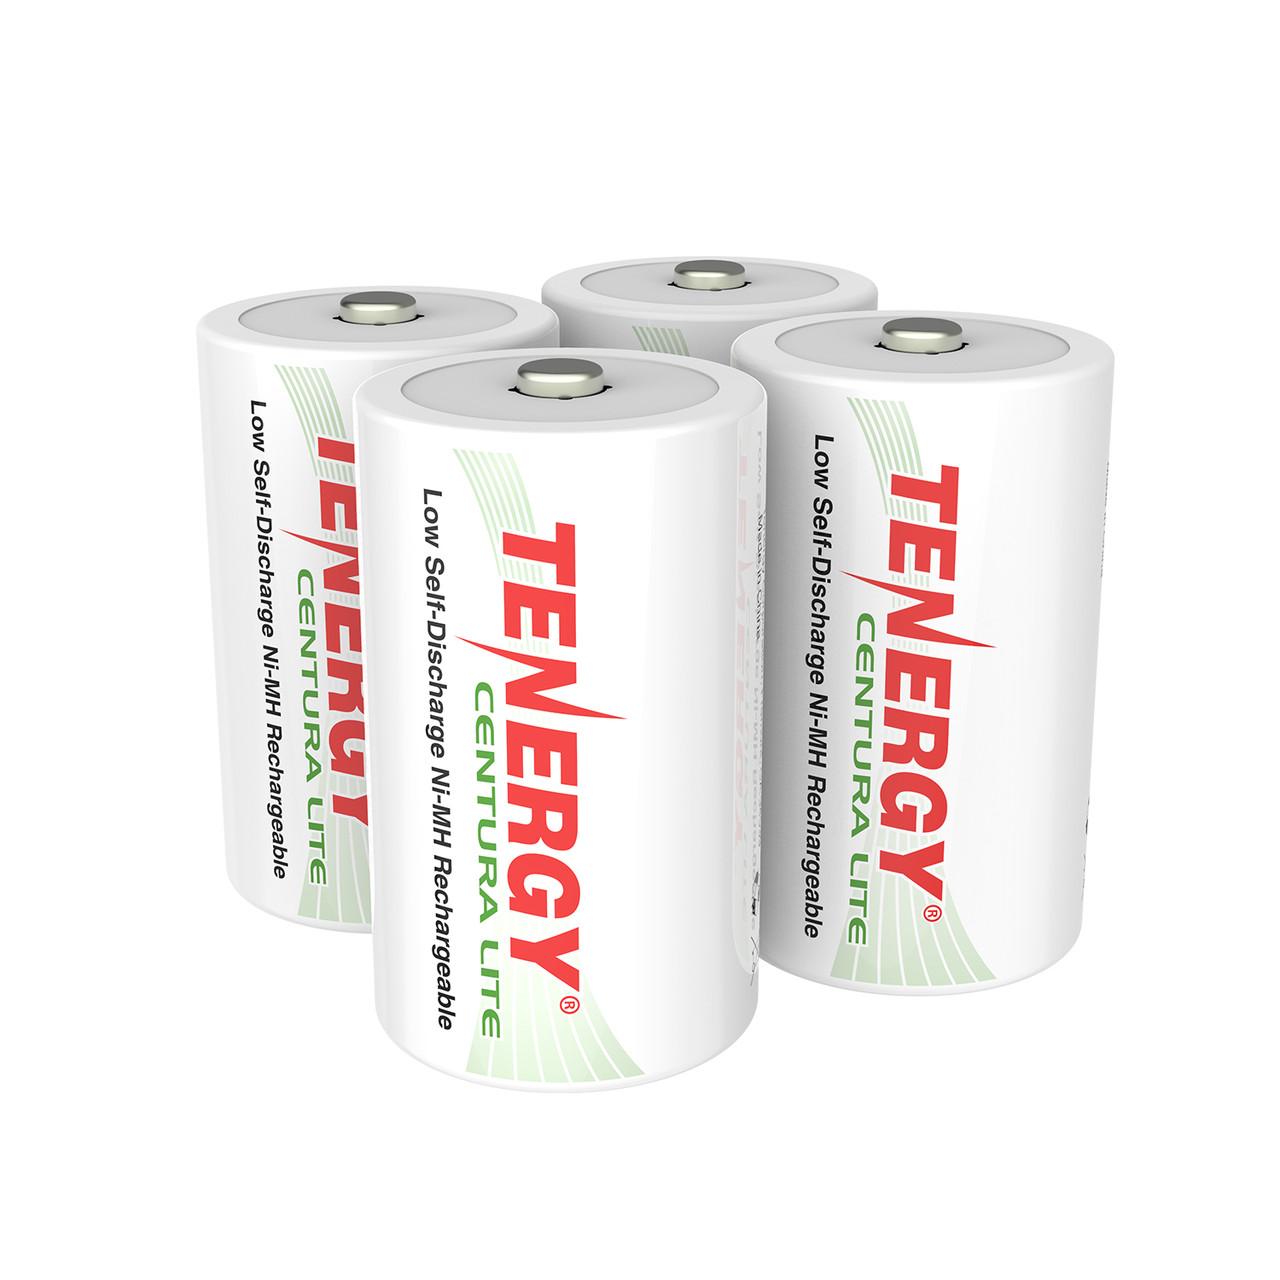 4pcs Tenergy Centura Lite NiMH D 1.2V 3000mAh Rechargeable Batteries